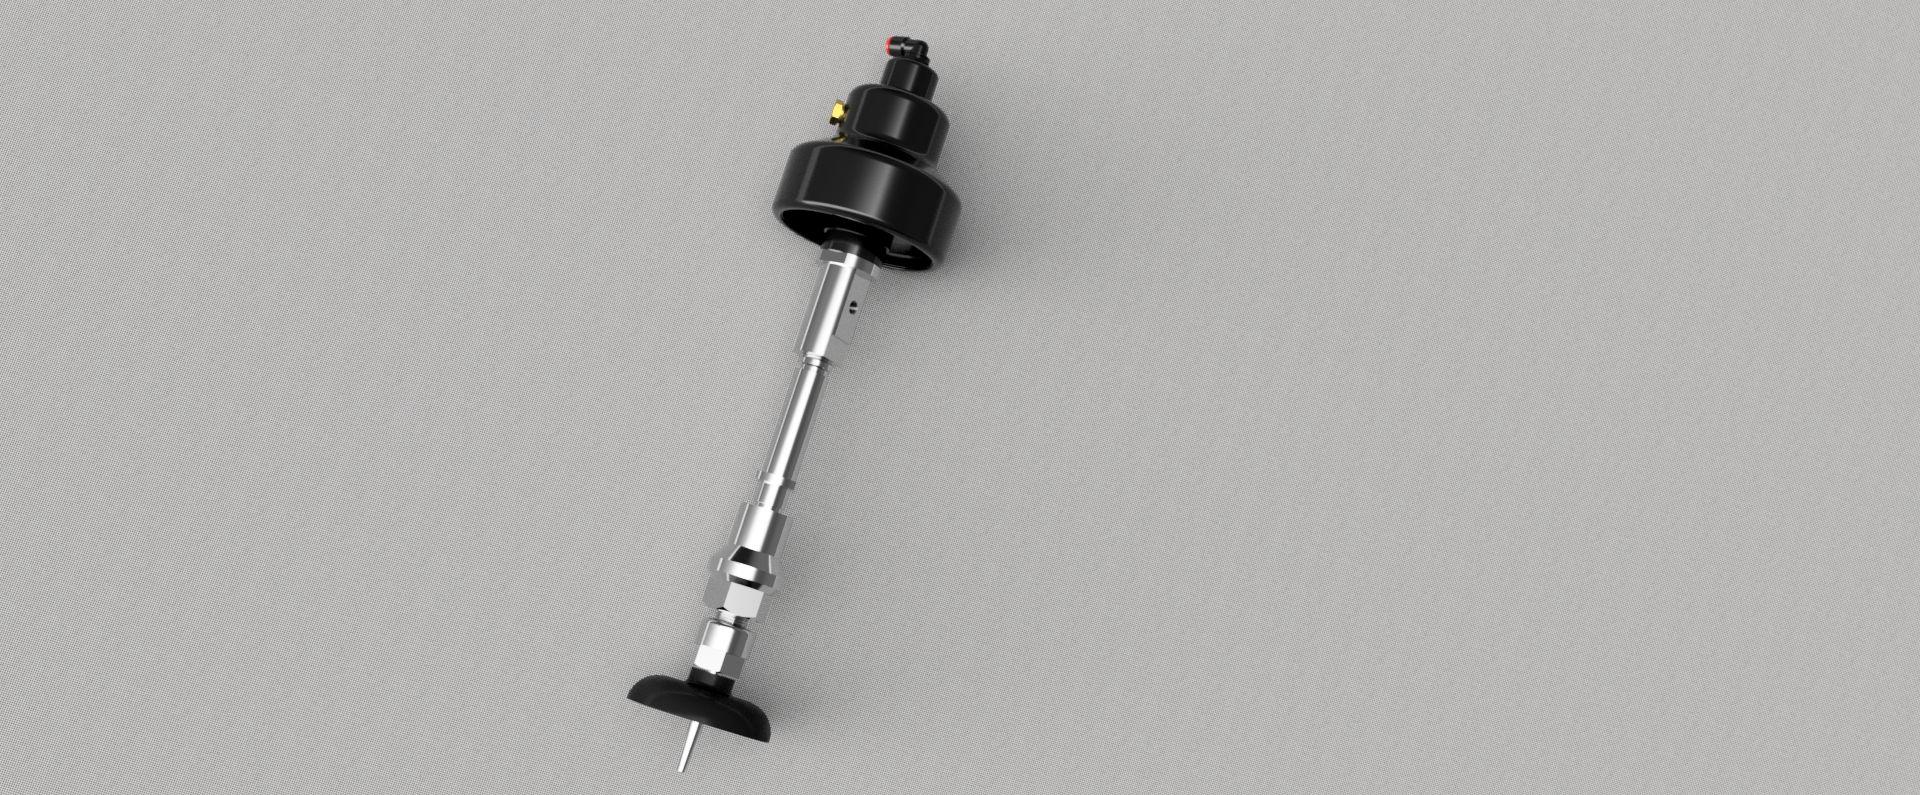 Nozzle-copy-v6-3500-3500